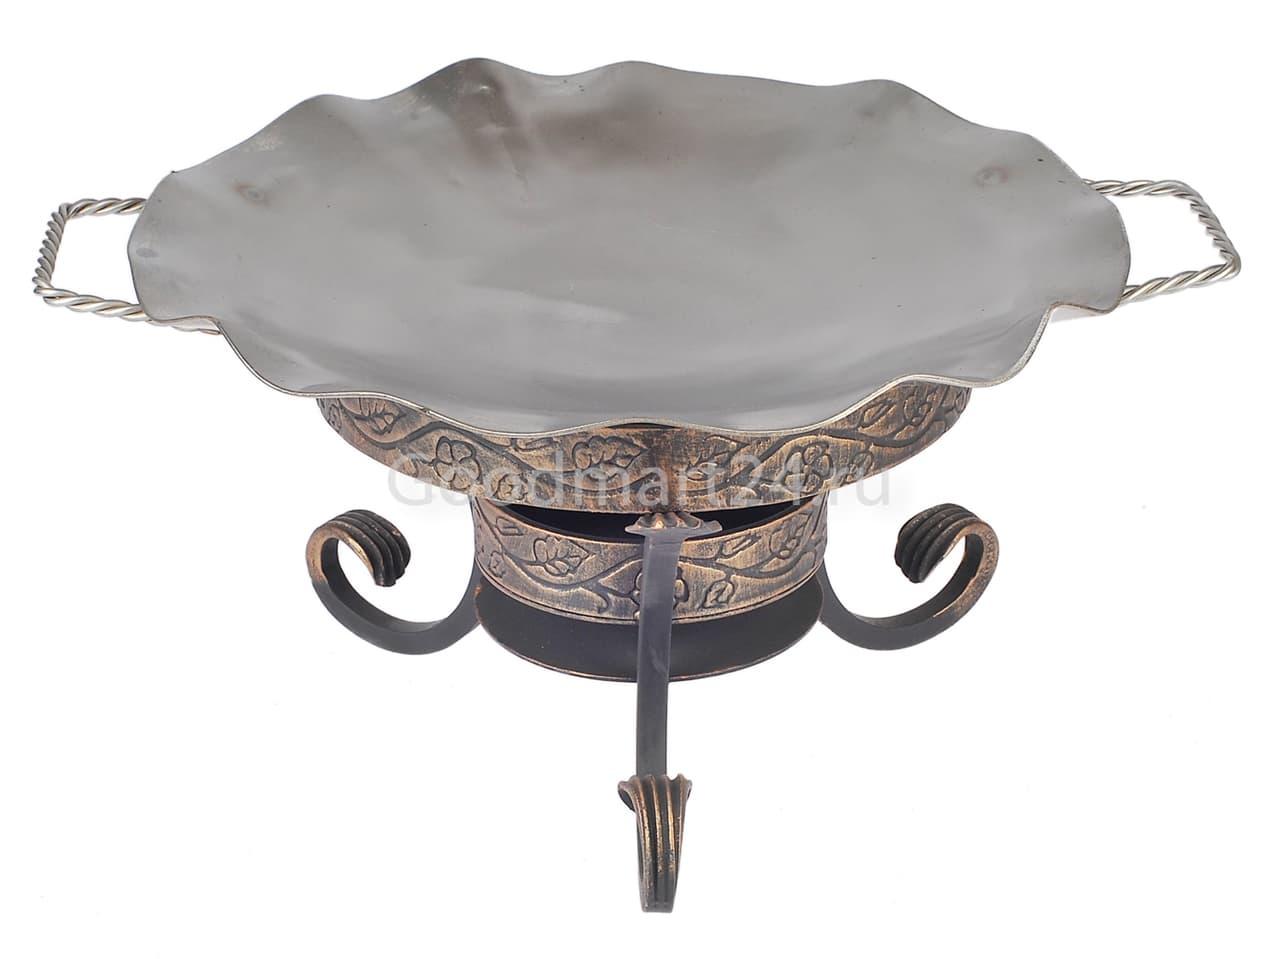 Садж сковорода 35 см, нержавеющая сталь + подставка кованная Шелковый путь - фото 8525